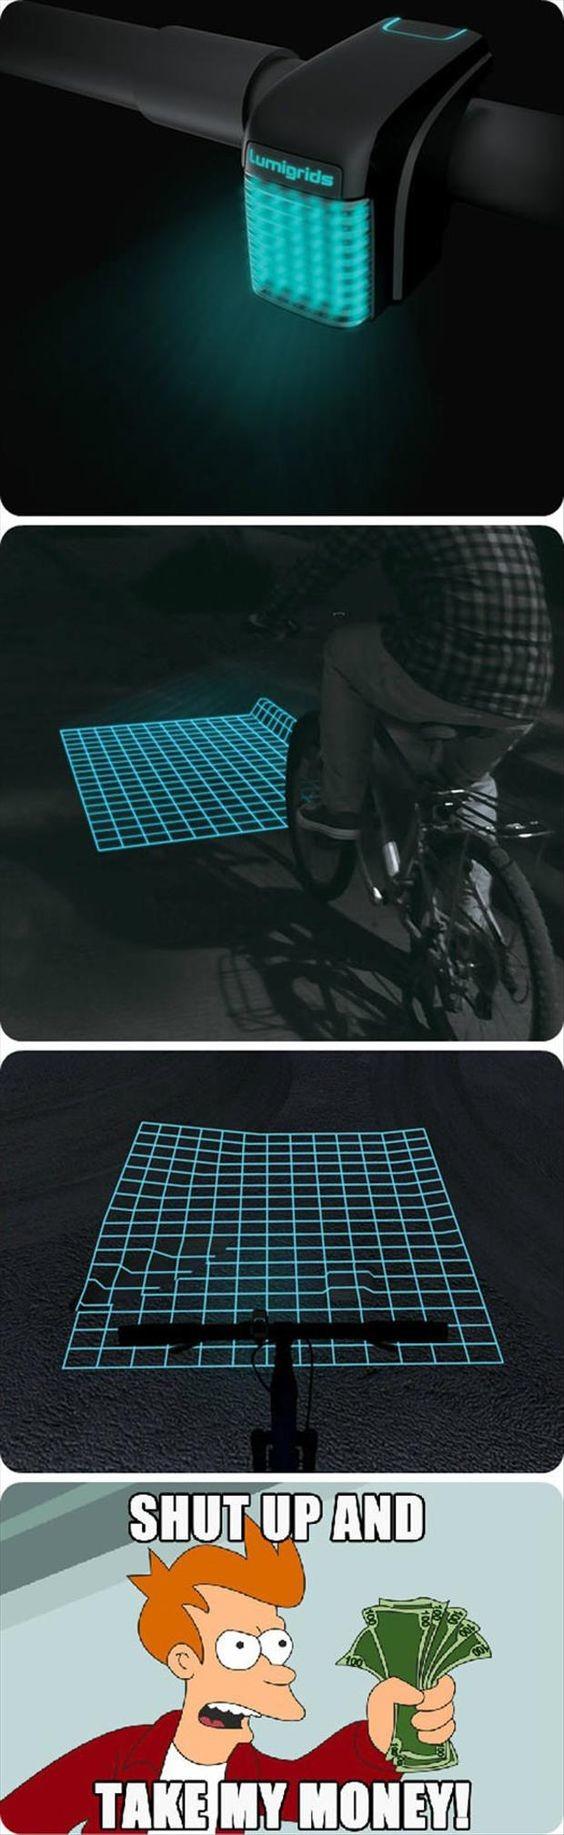 Meme_fry - Una excelente idea para la bici